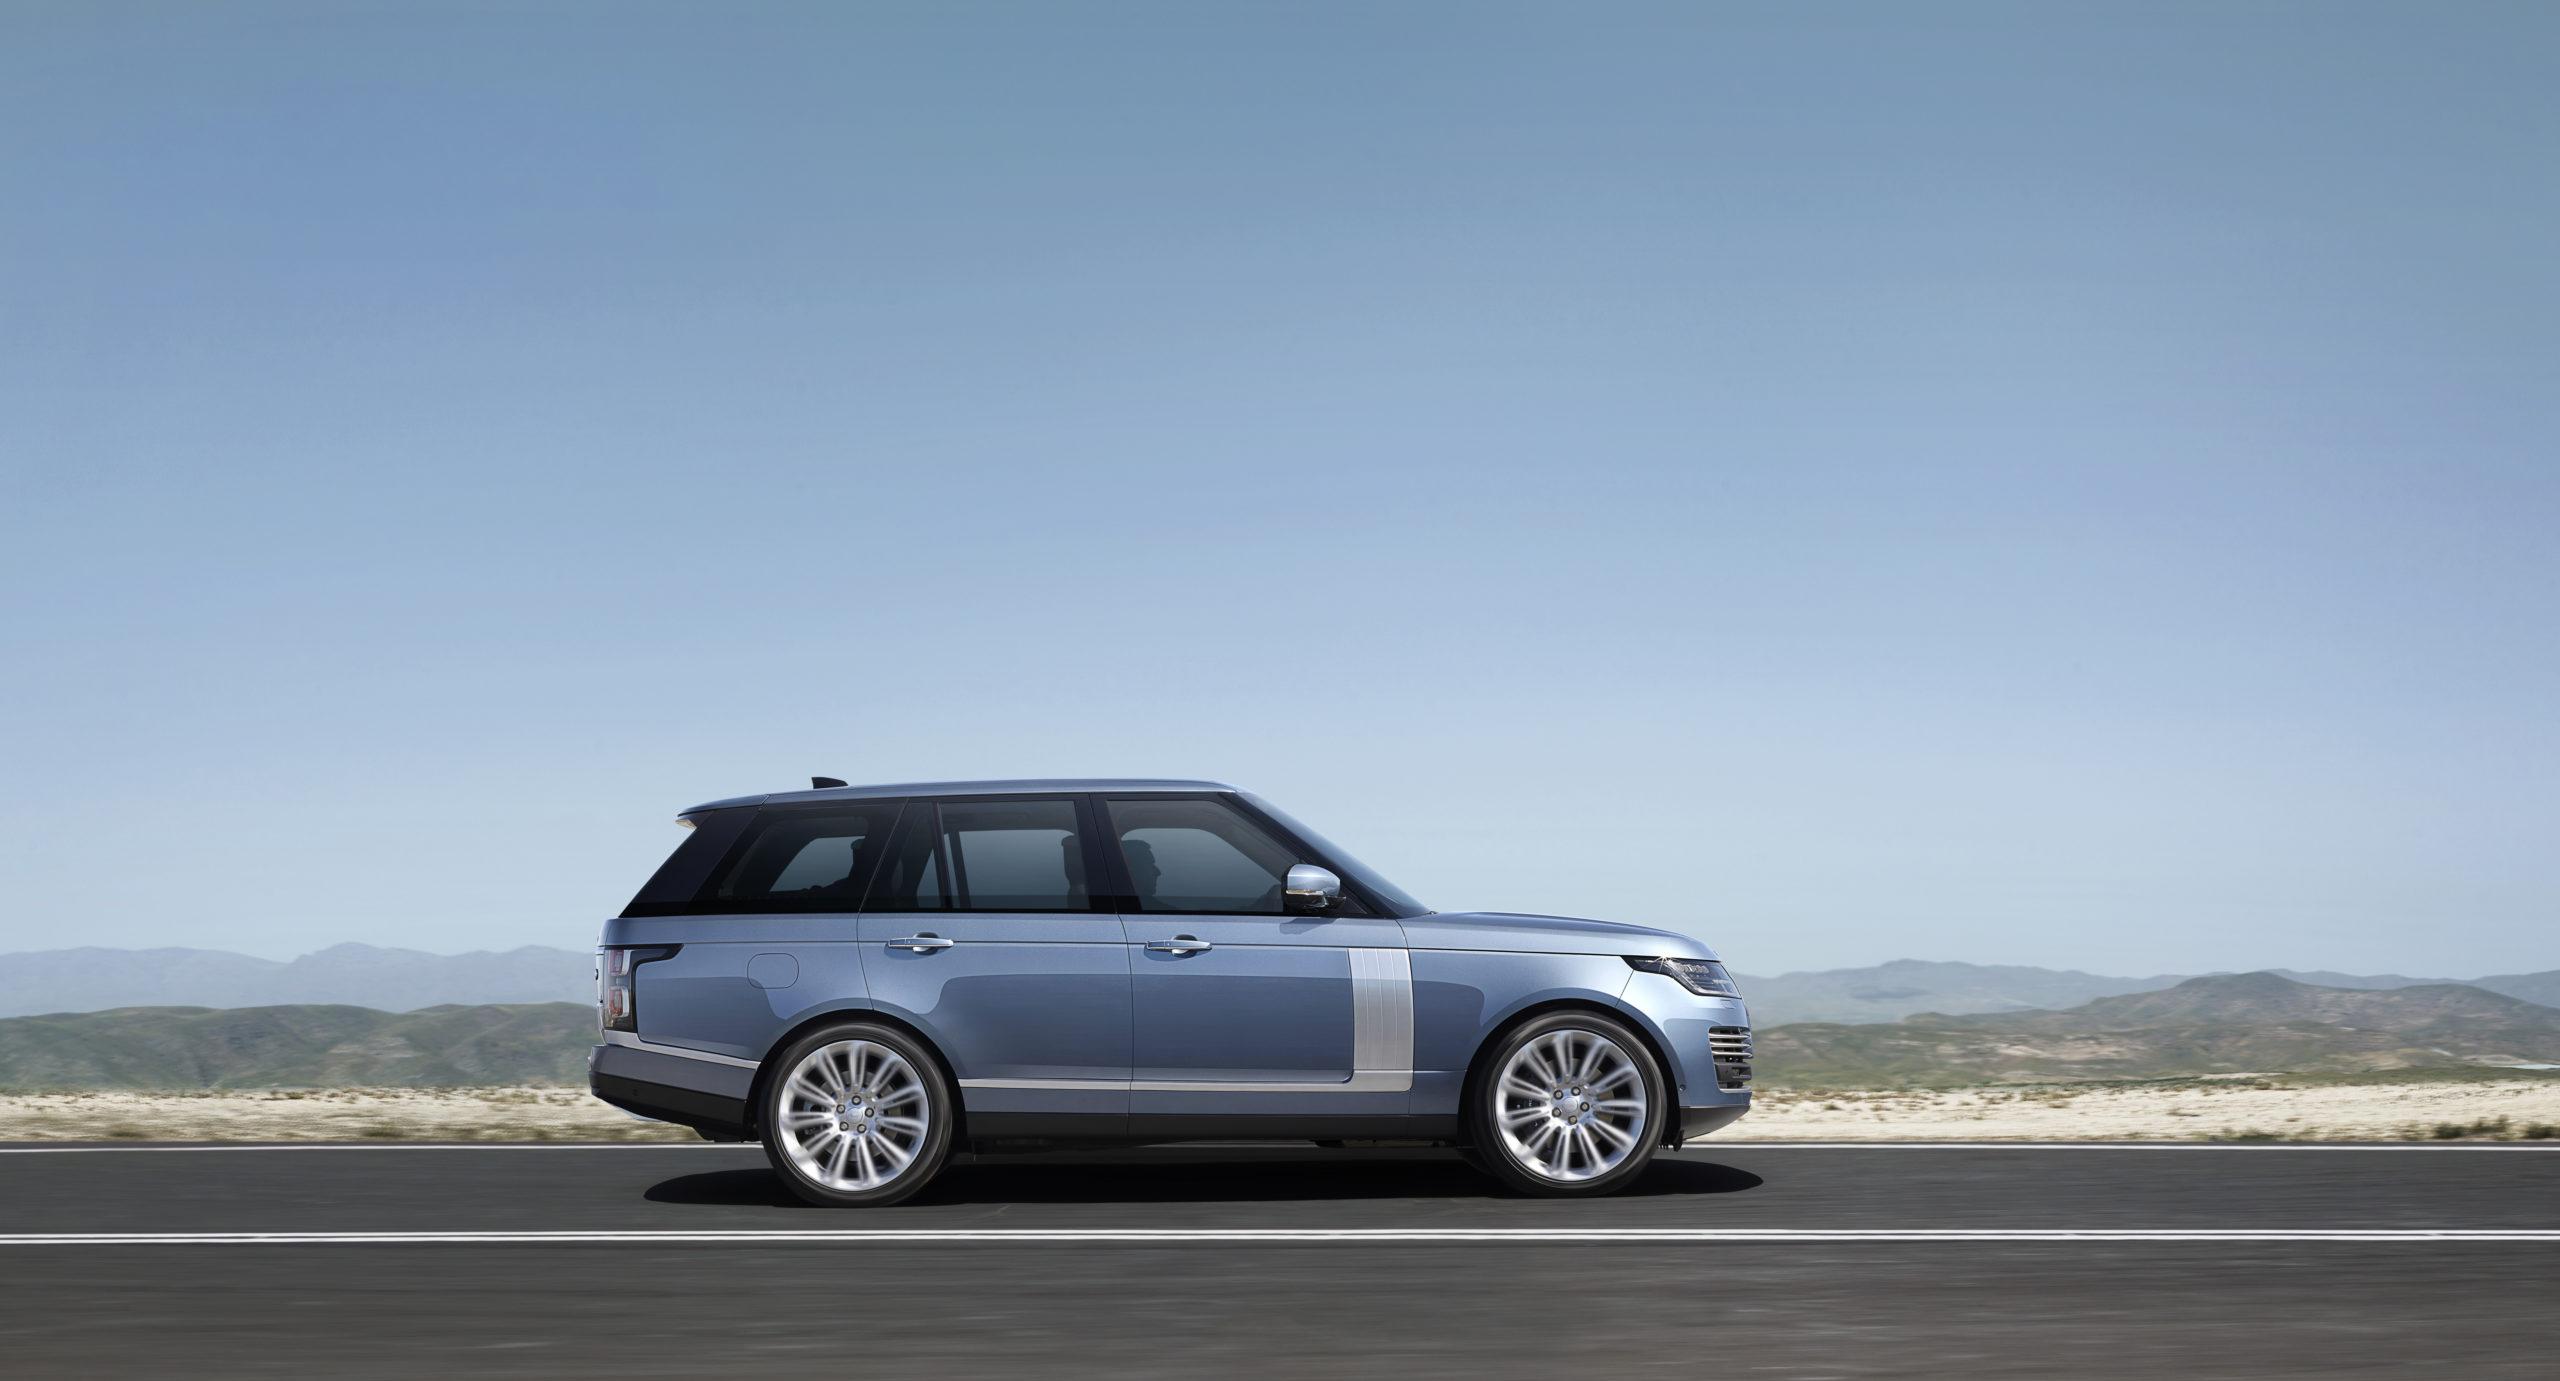 Range Rover Eksterior